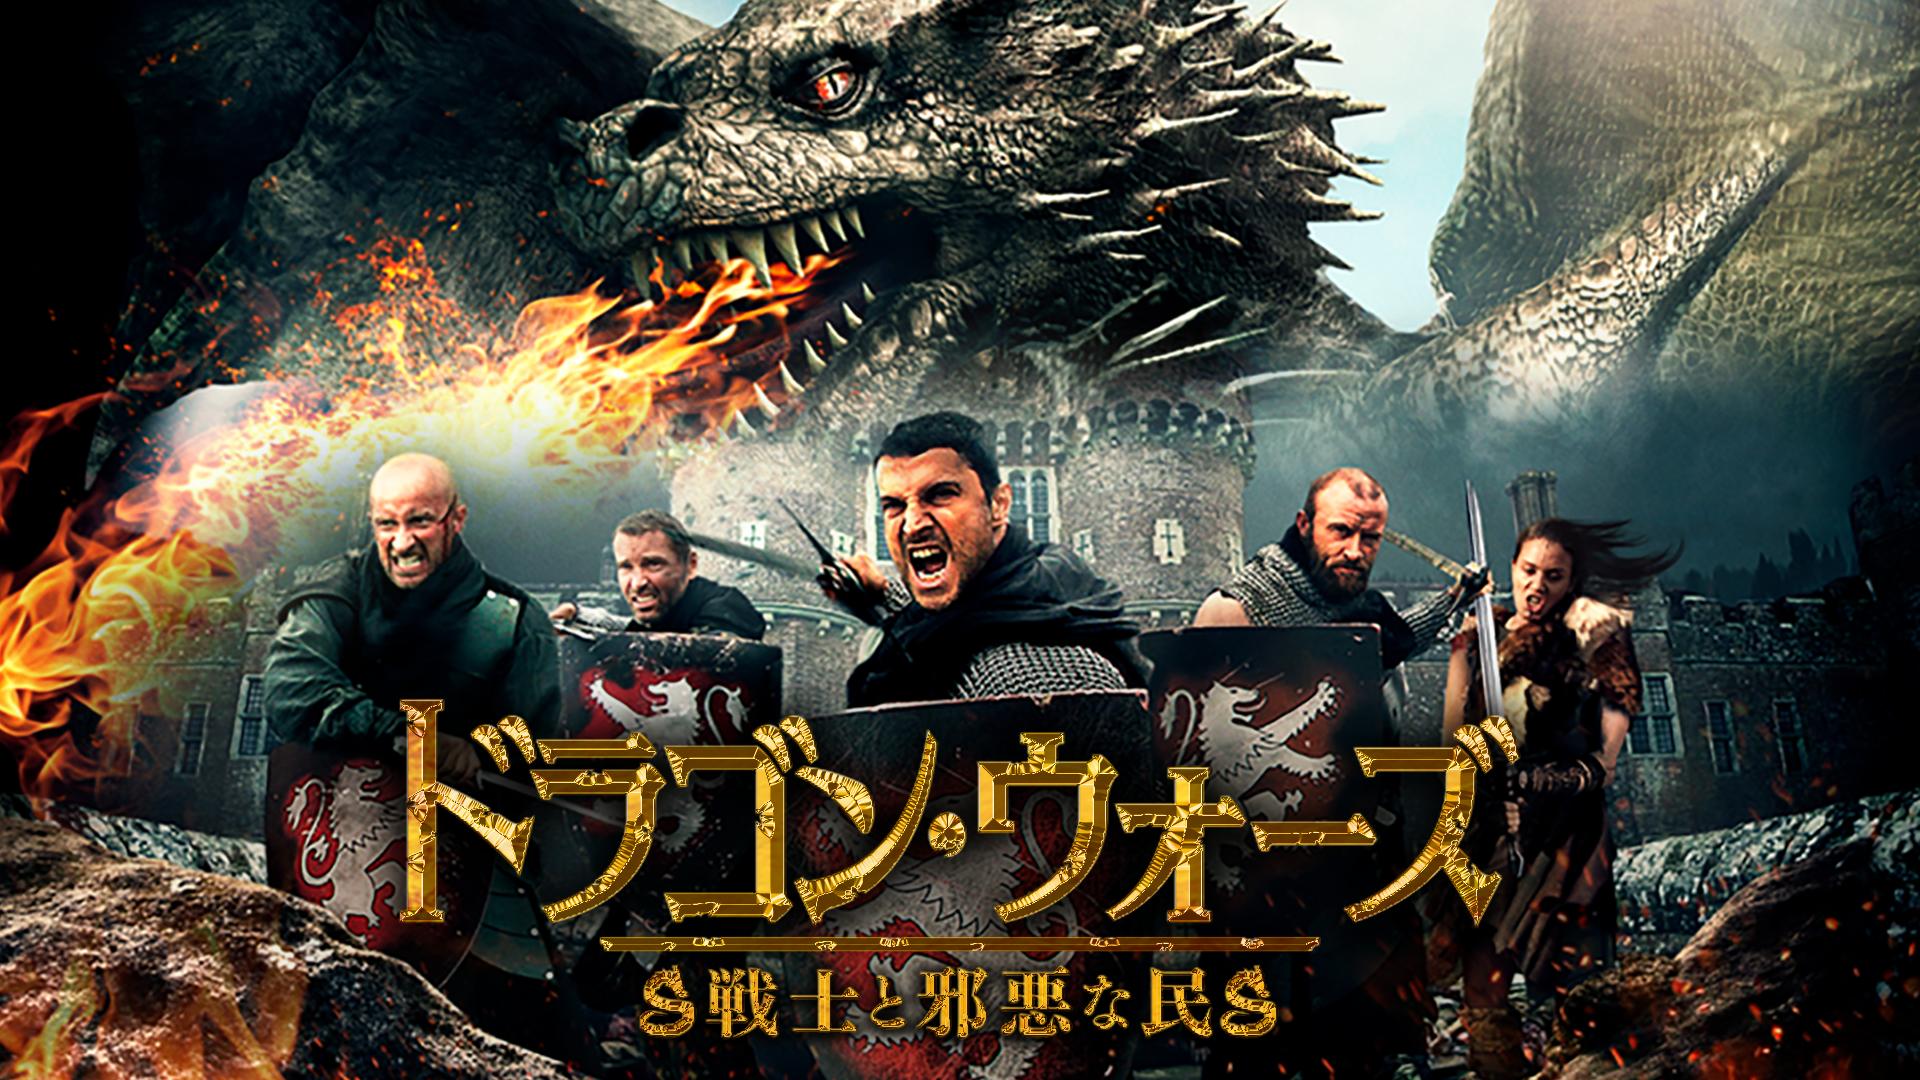 ドラゴン・ウォーズ /戦士と邪悪な民無料公式動画